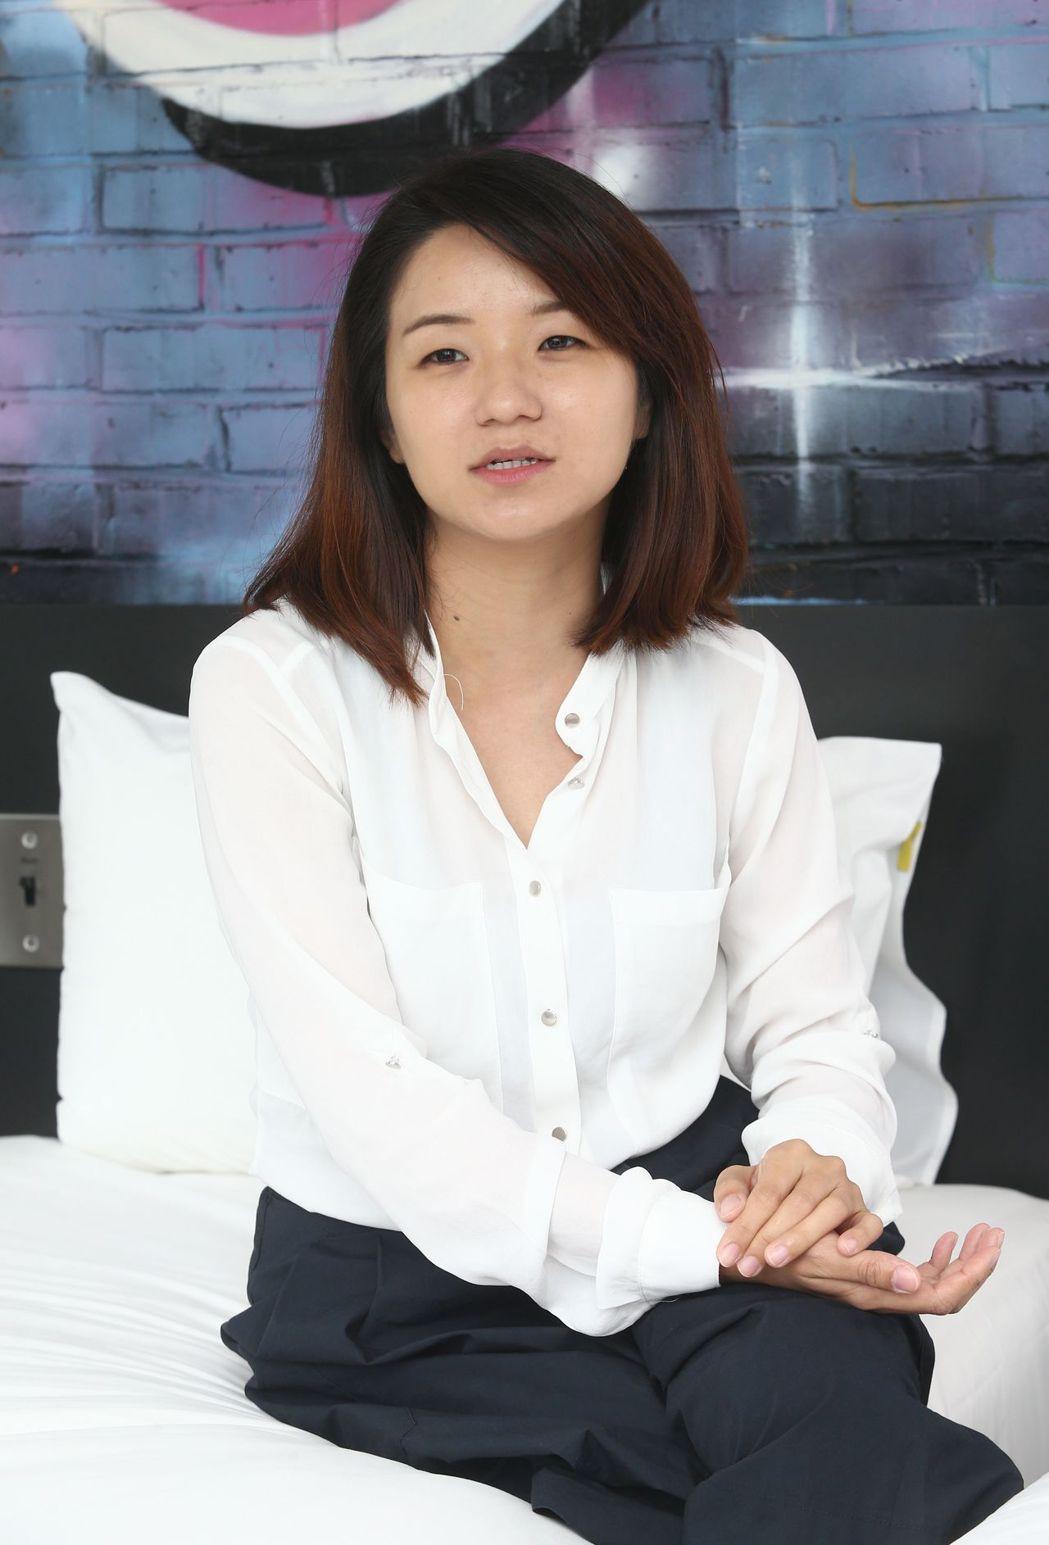 雀客旅館執行董事莊正均,是王品集團創辦人戴勝益媳婦。 記者蘇健忠/攝影